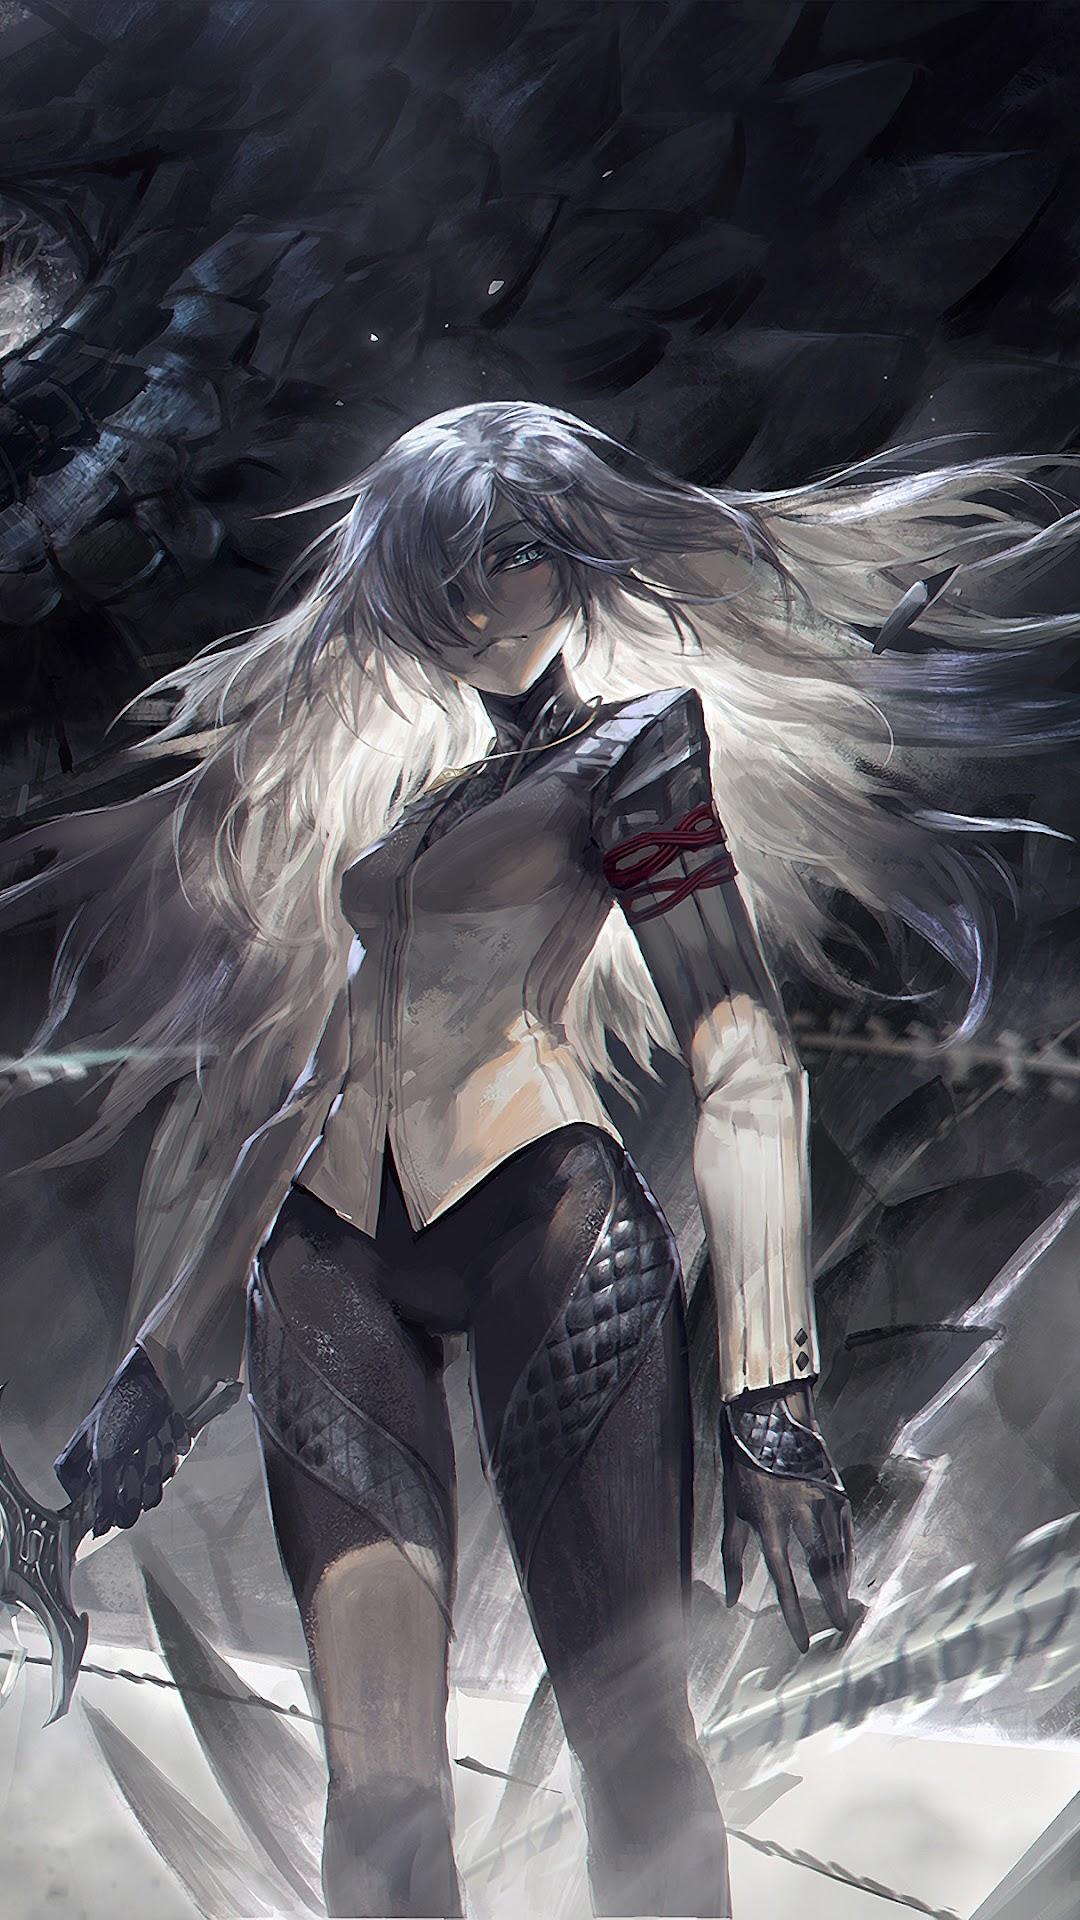 Anime Girl Warrior Fantasy Snake Pixiv Fantasia 4k 3840x2160